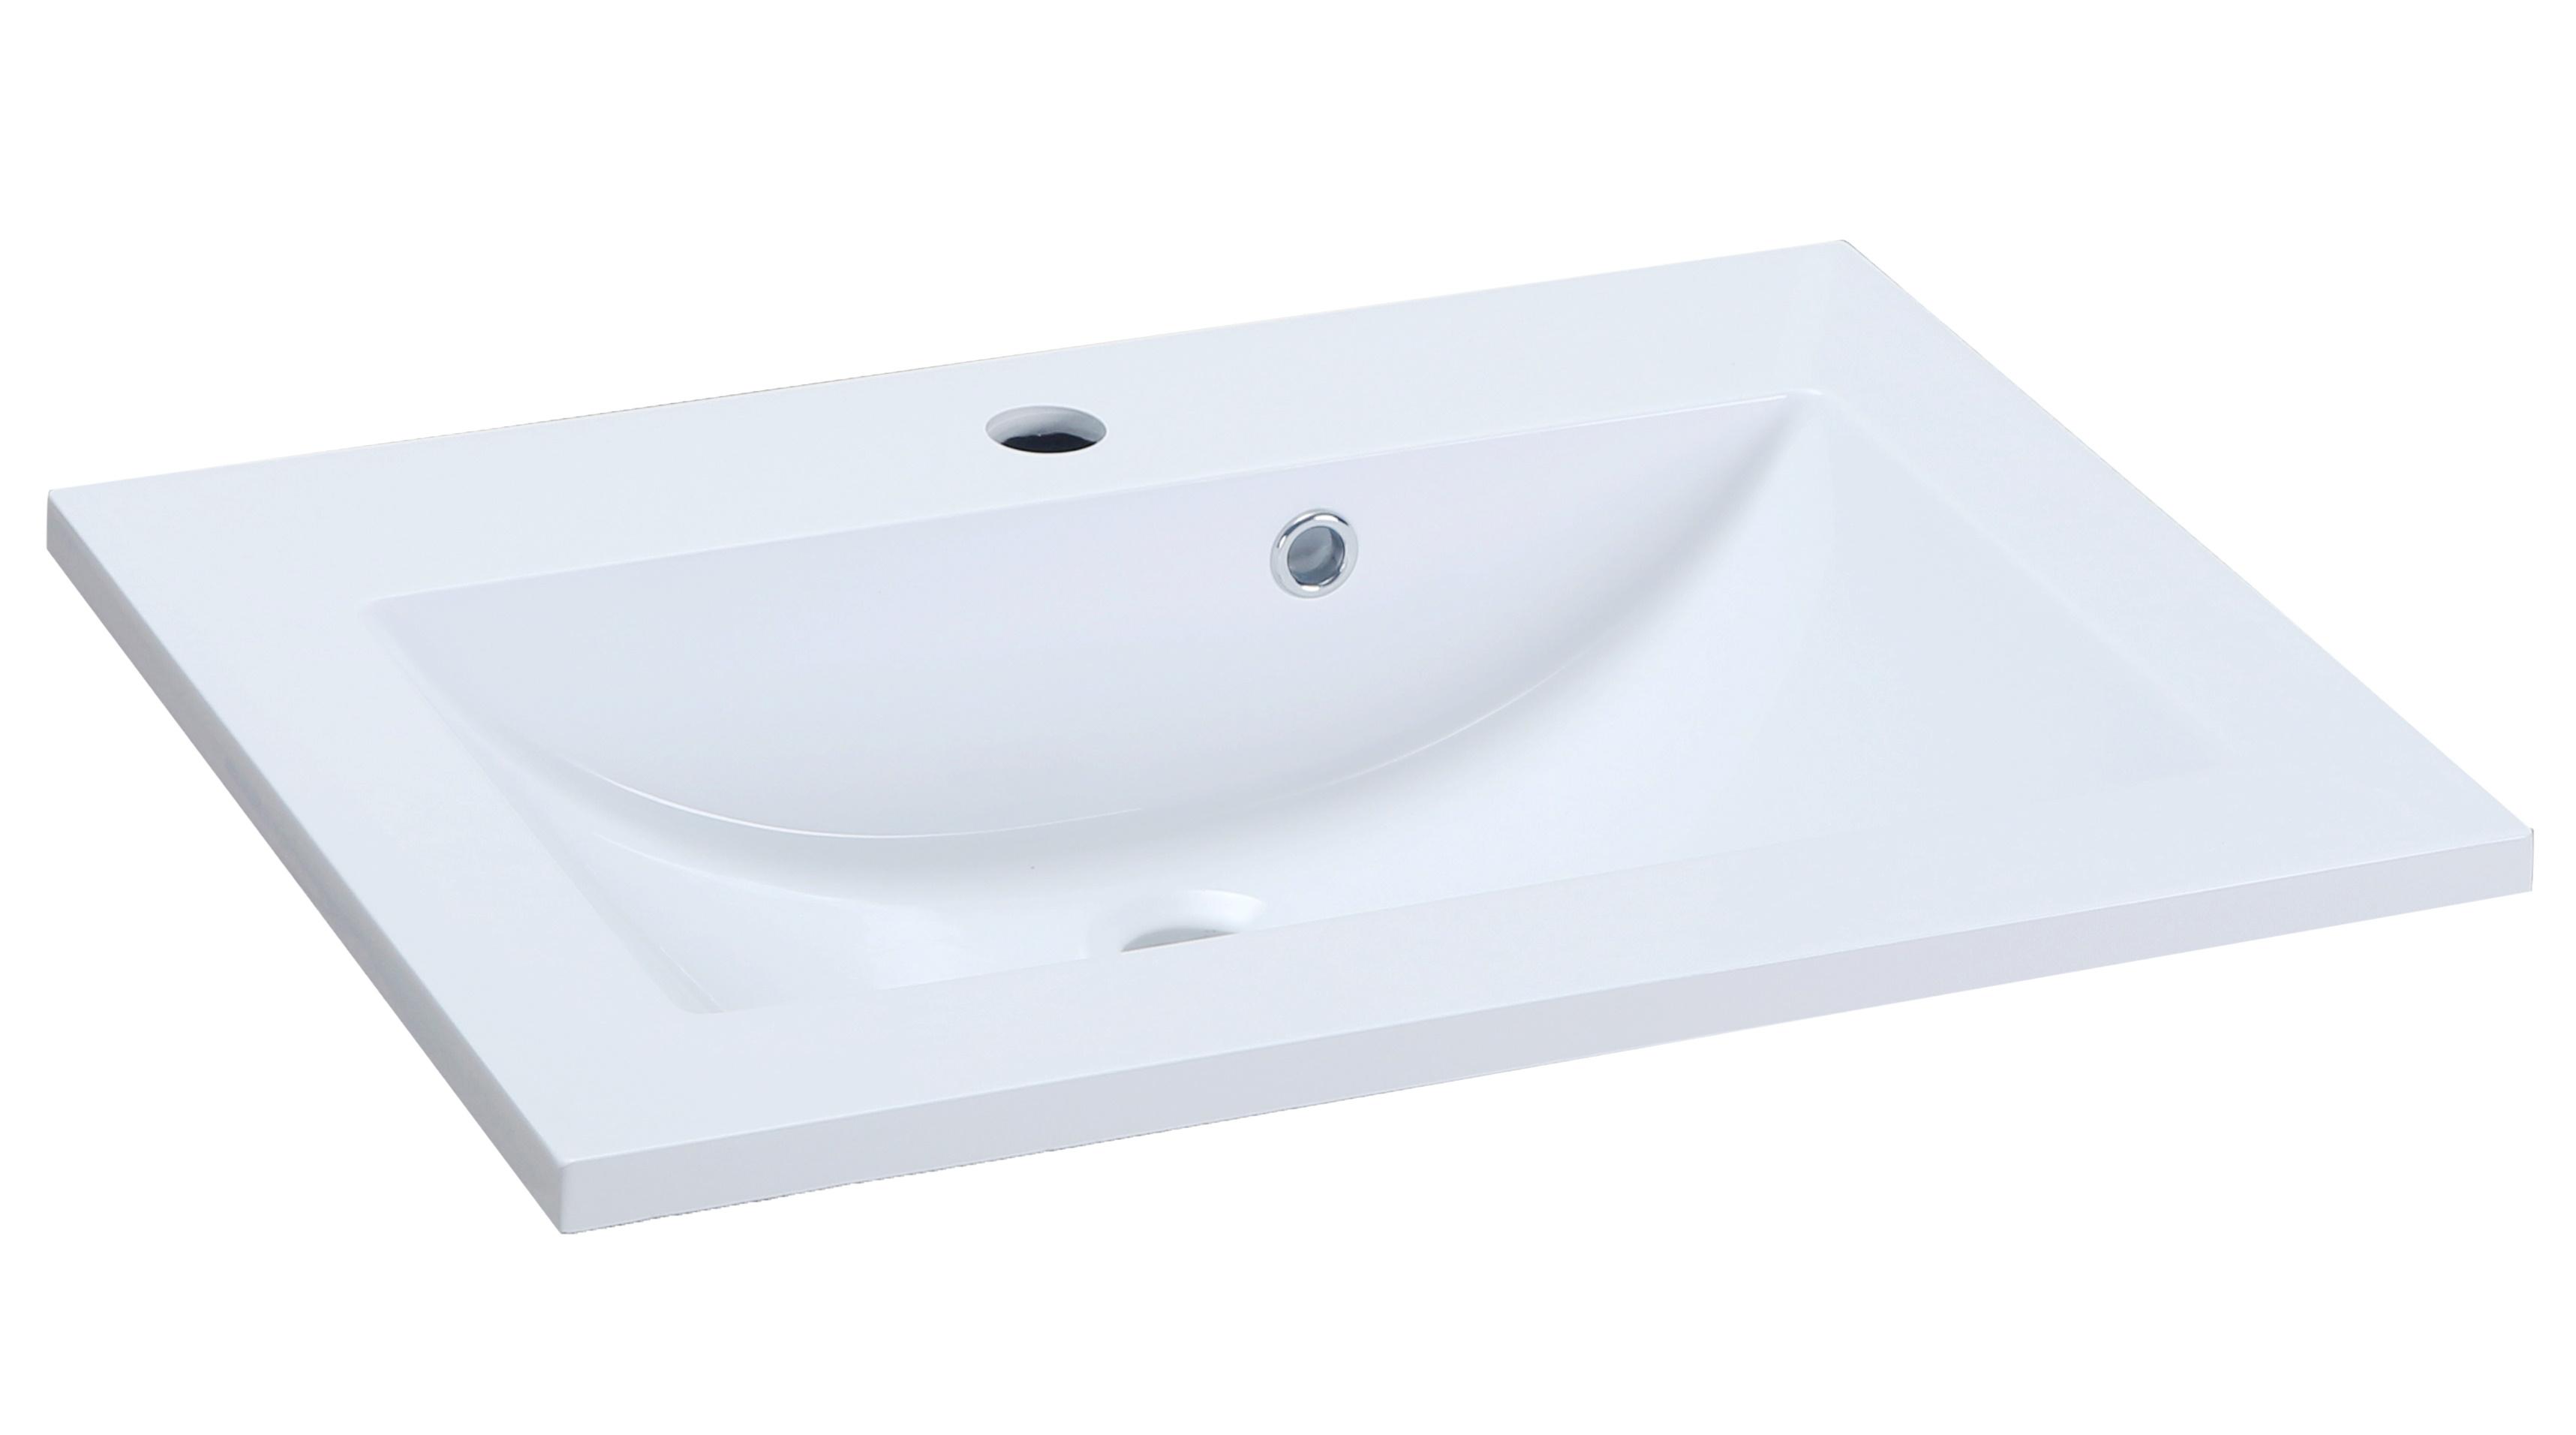 Lavoar Sanotechnik Soho 80x46cm montare pe mobilier compozit alb imagine